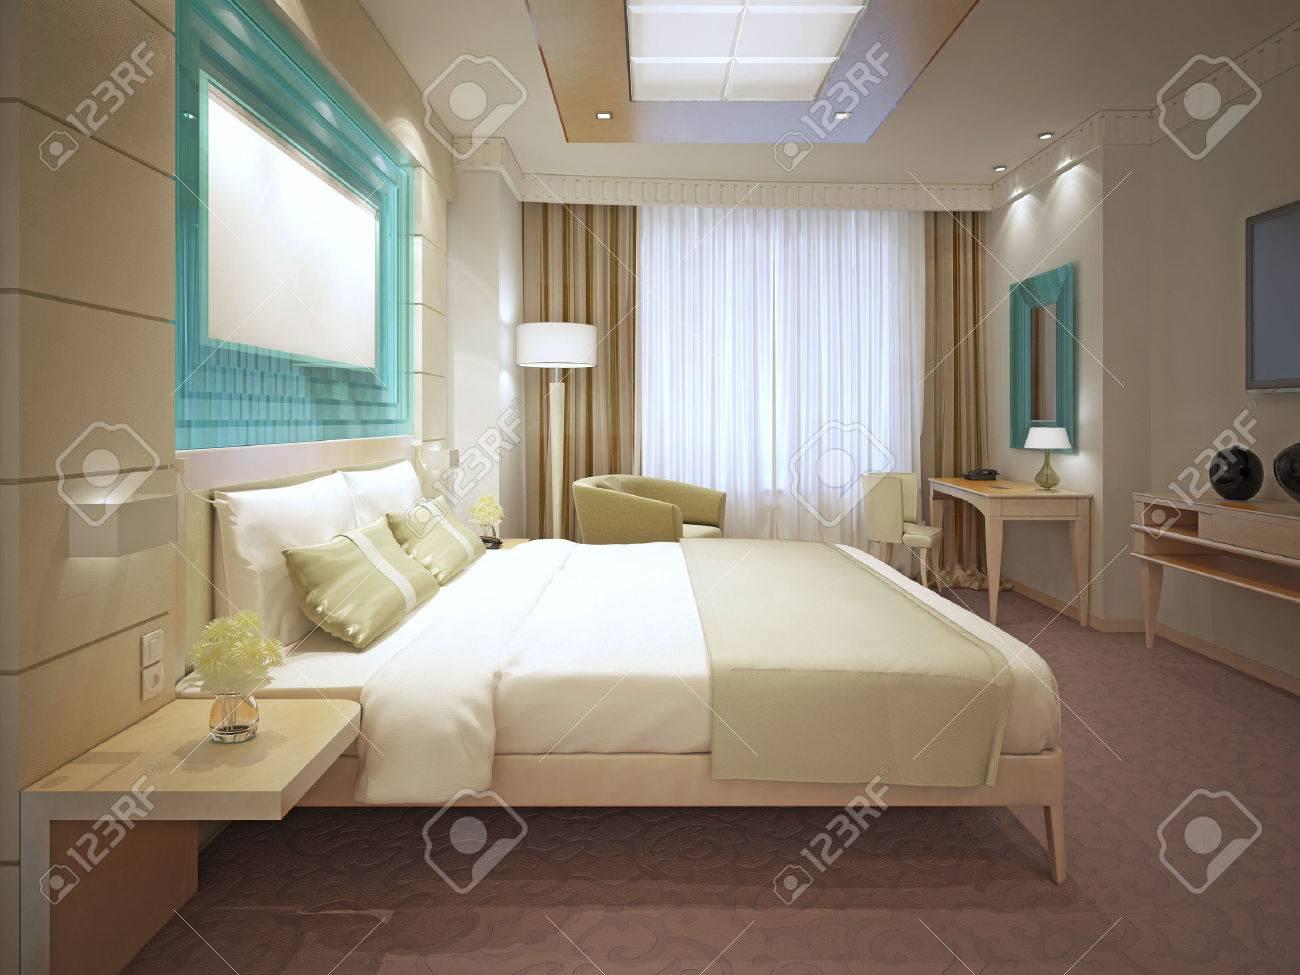 Elegante Schlafzimmer Trend. Große Panneled Speichersystem Hinter ...